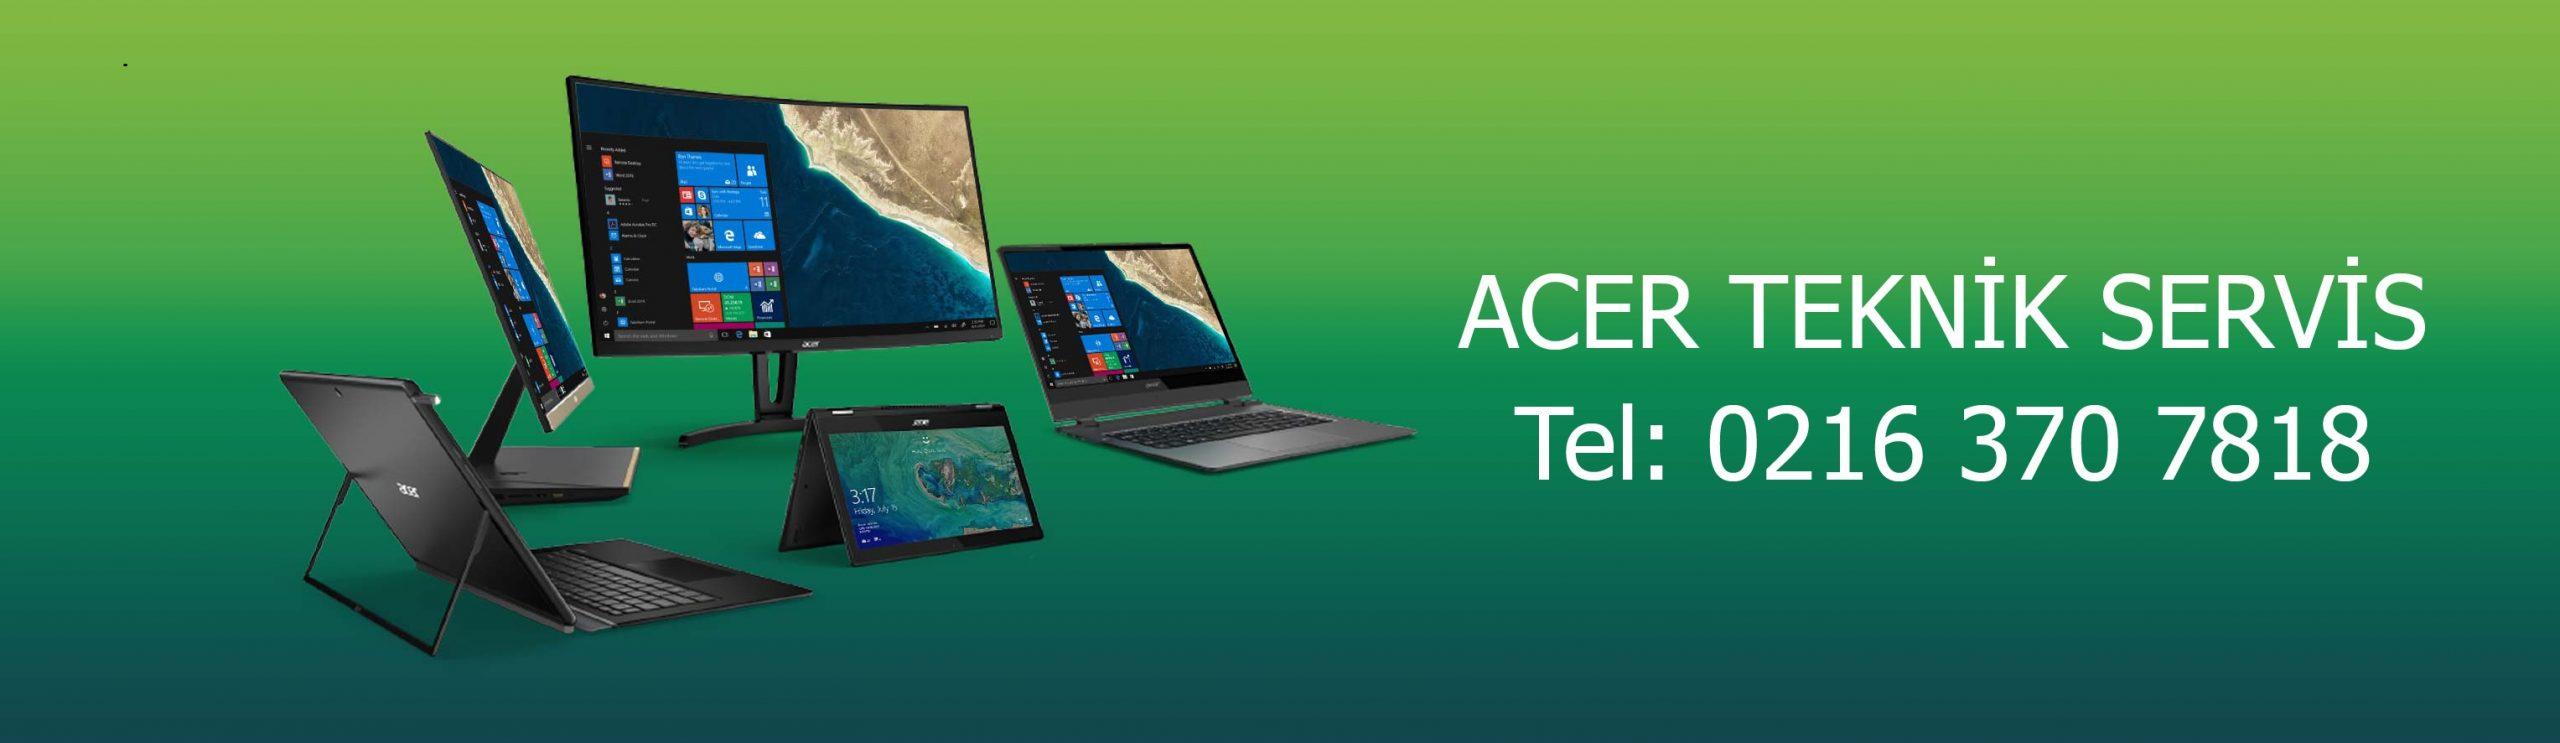 Kadıköy Acer Teknik Servisi